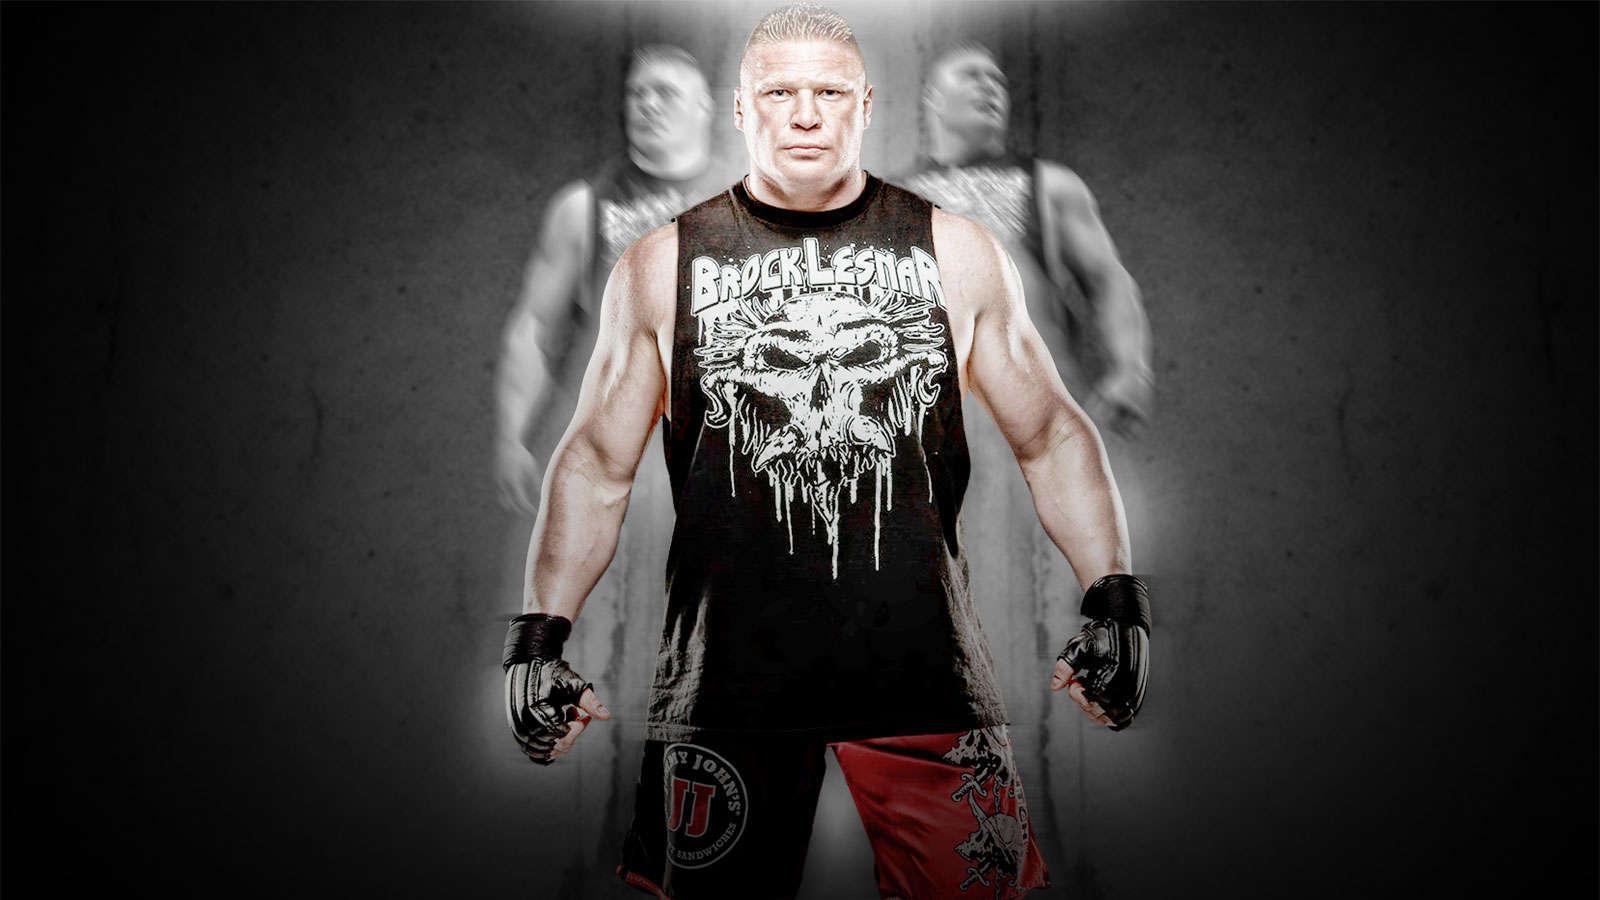 Get Beast Wallpaper Brock Lesnar